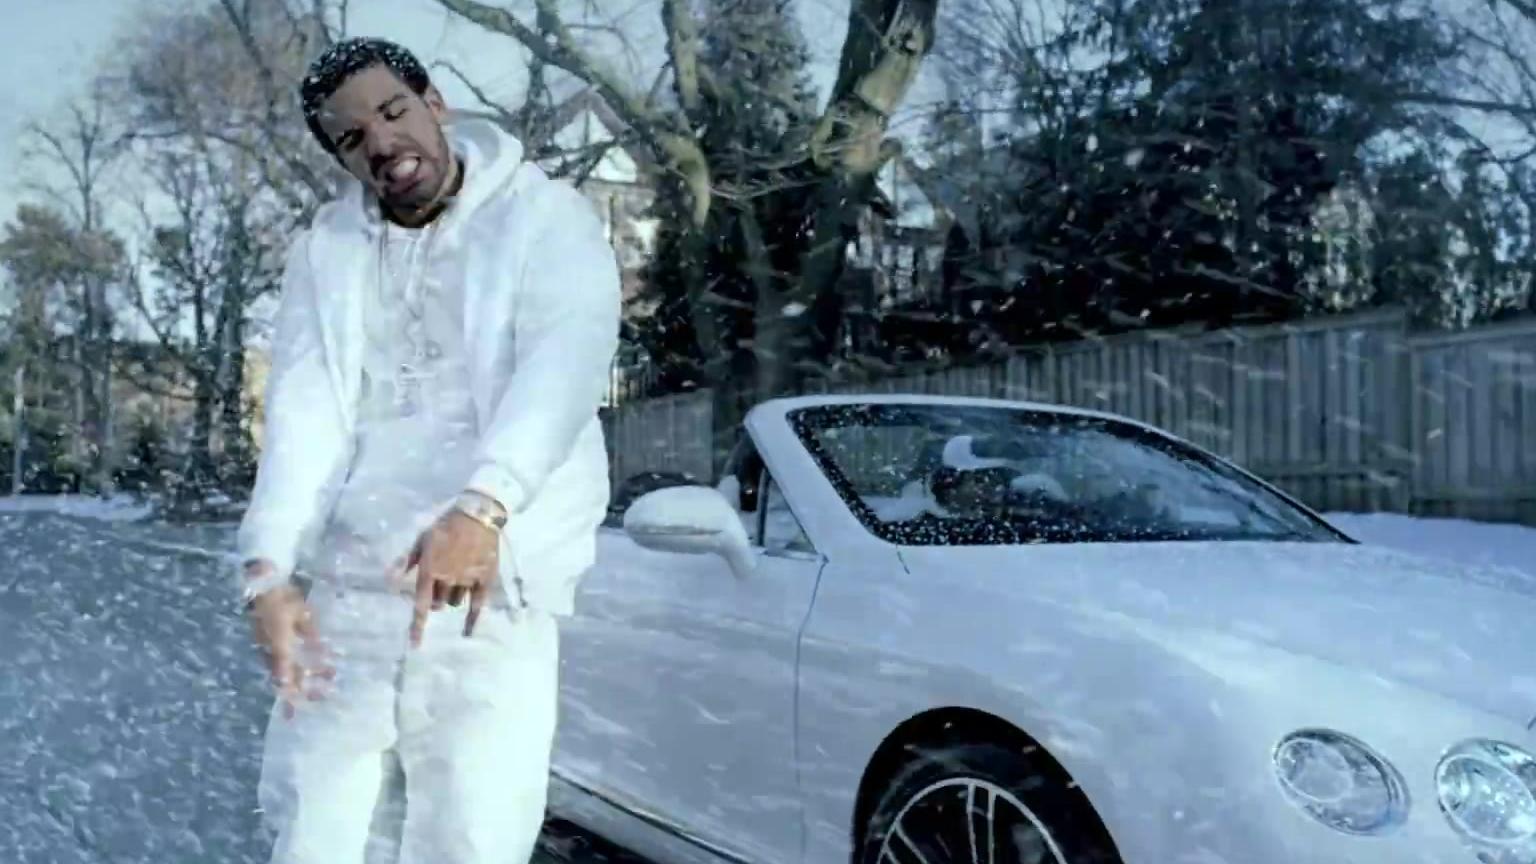 嘻哈音乐 公鸭Drake - Started From The Bottom